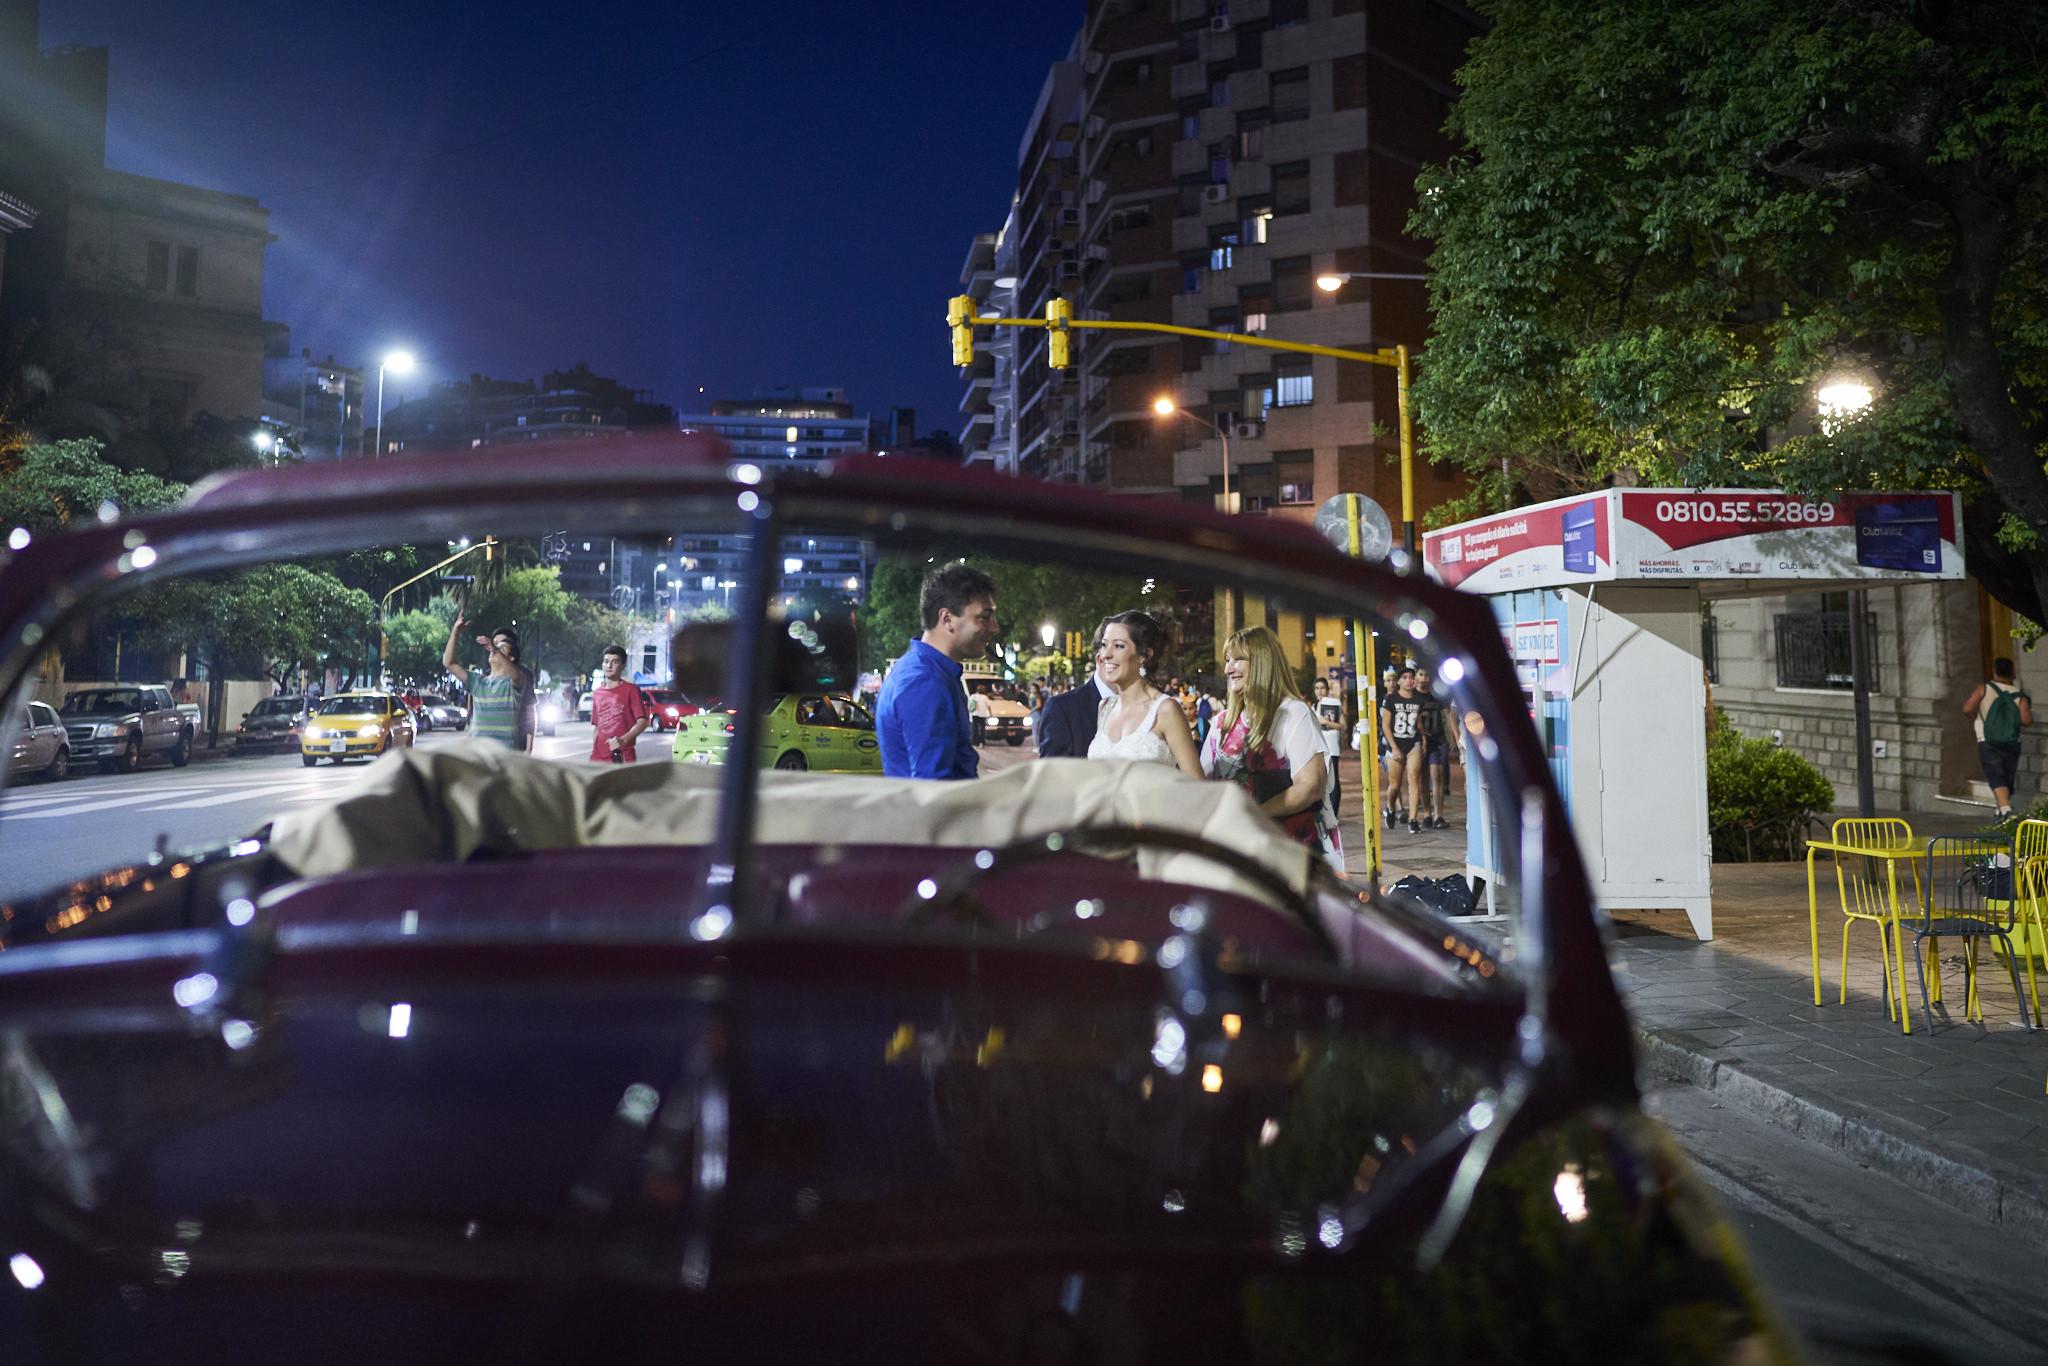 19 Fotografo Documental de Bodas Argentina LME02900.jpg